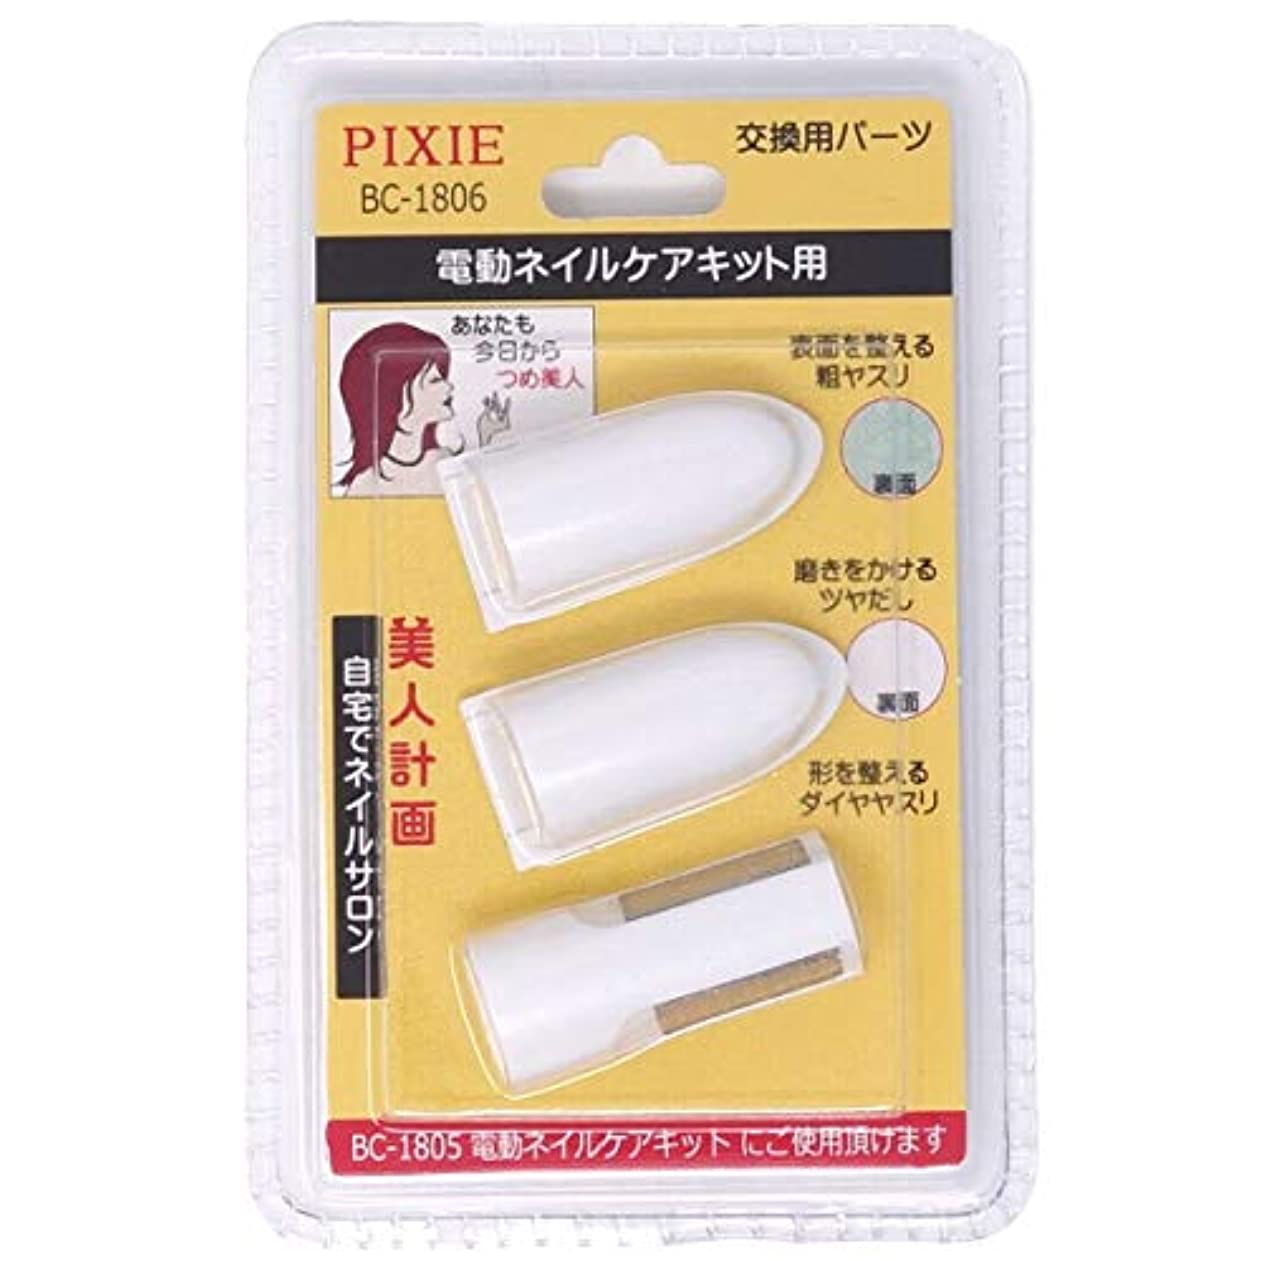 新しい意味の配列威する爪美人 電動ネイルケアキット用 交換パーツセット PIXIE BC-1807